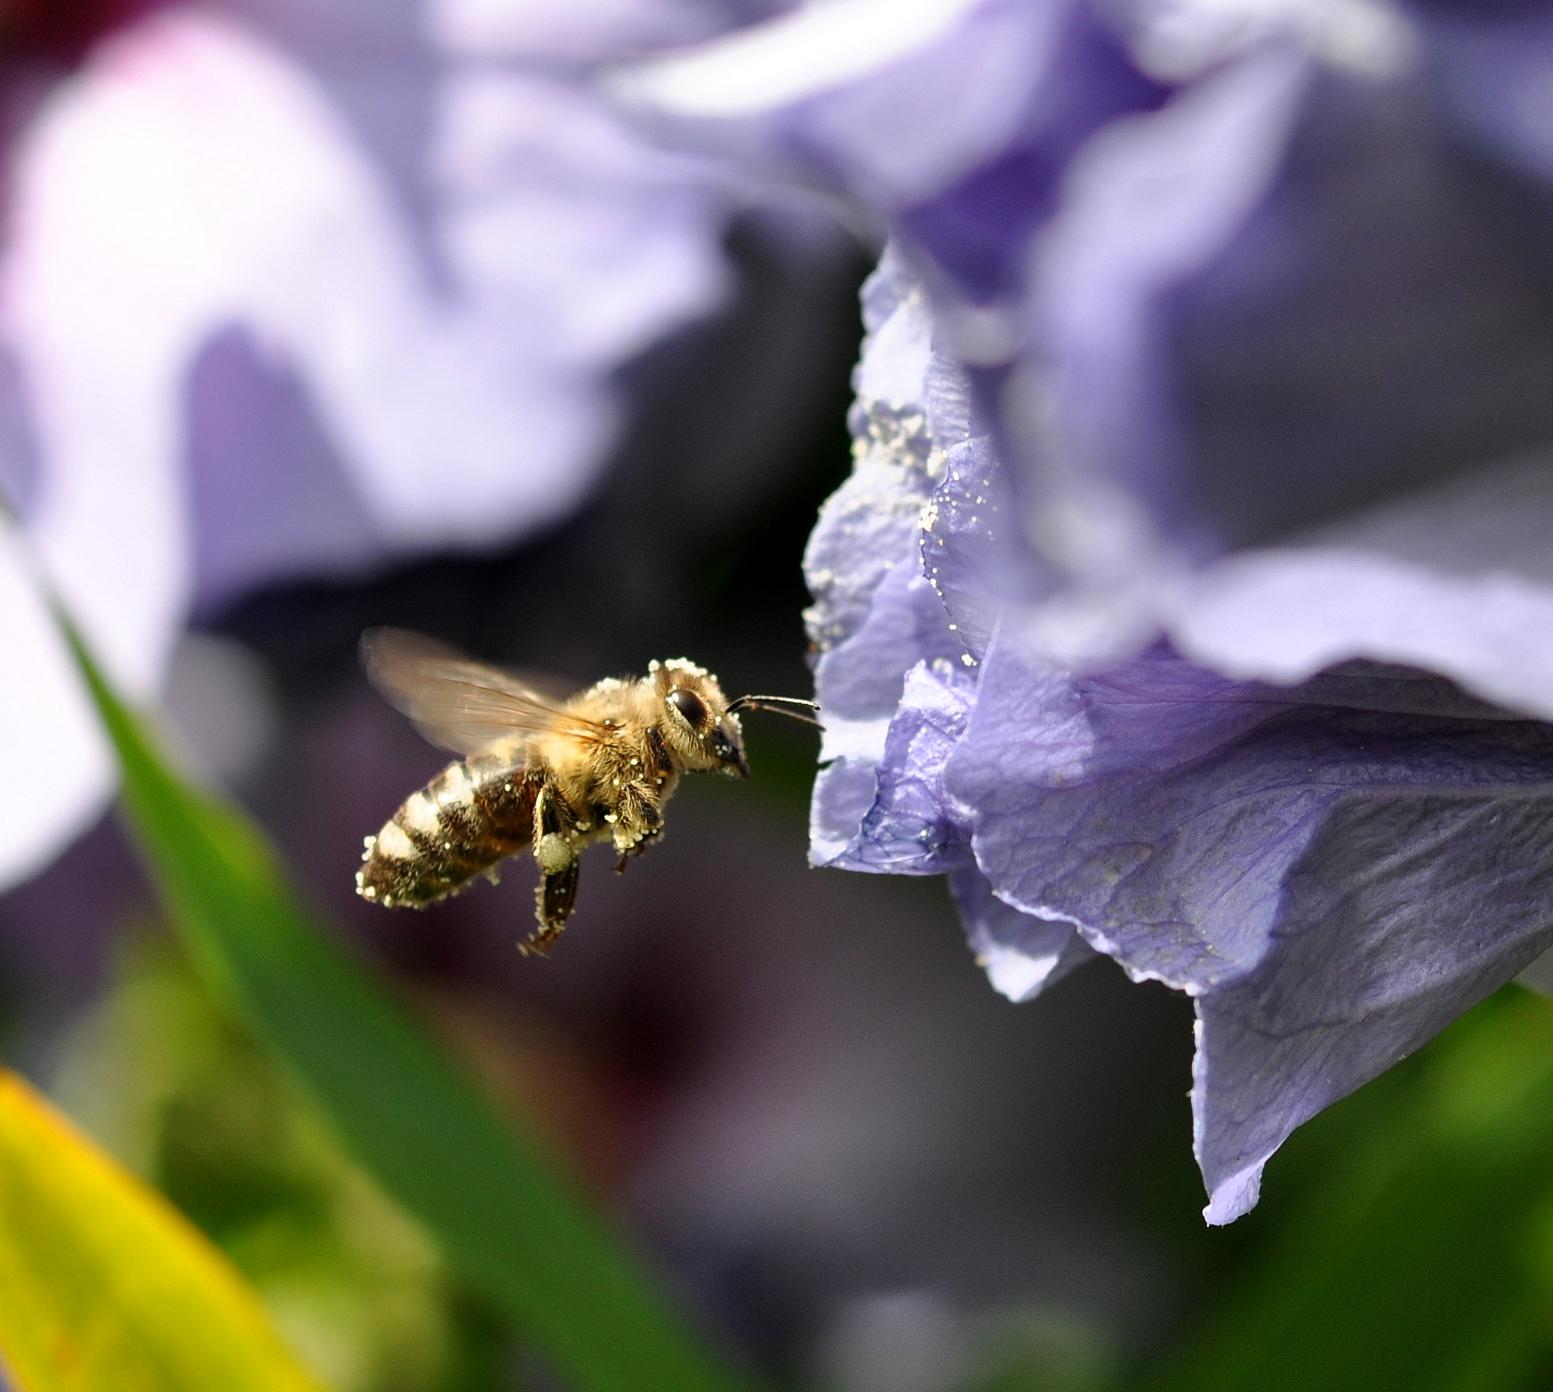 Bien im Siebenstern-Siebensternhonig